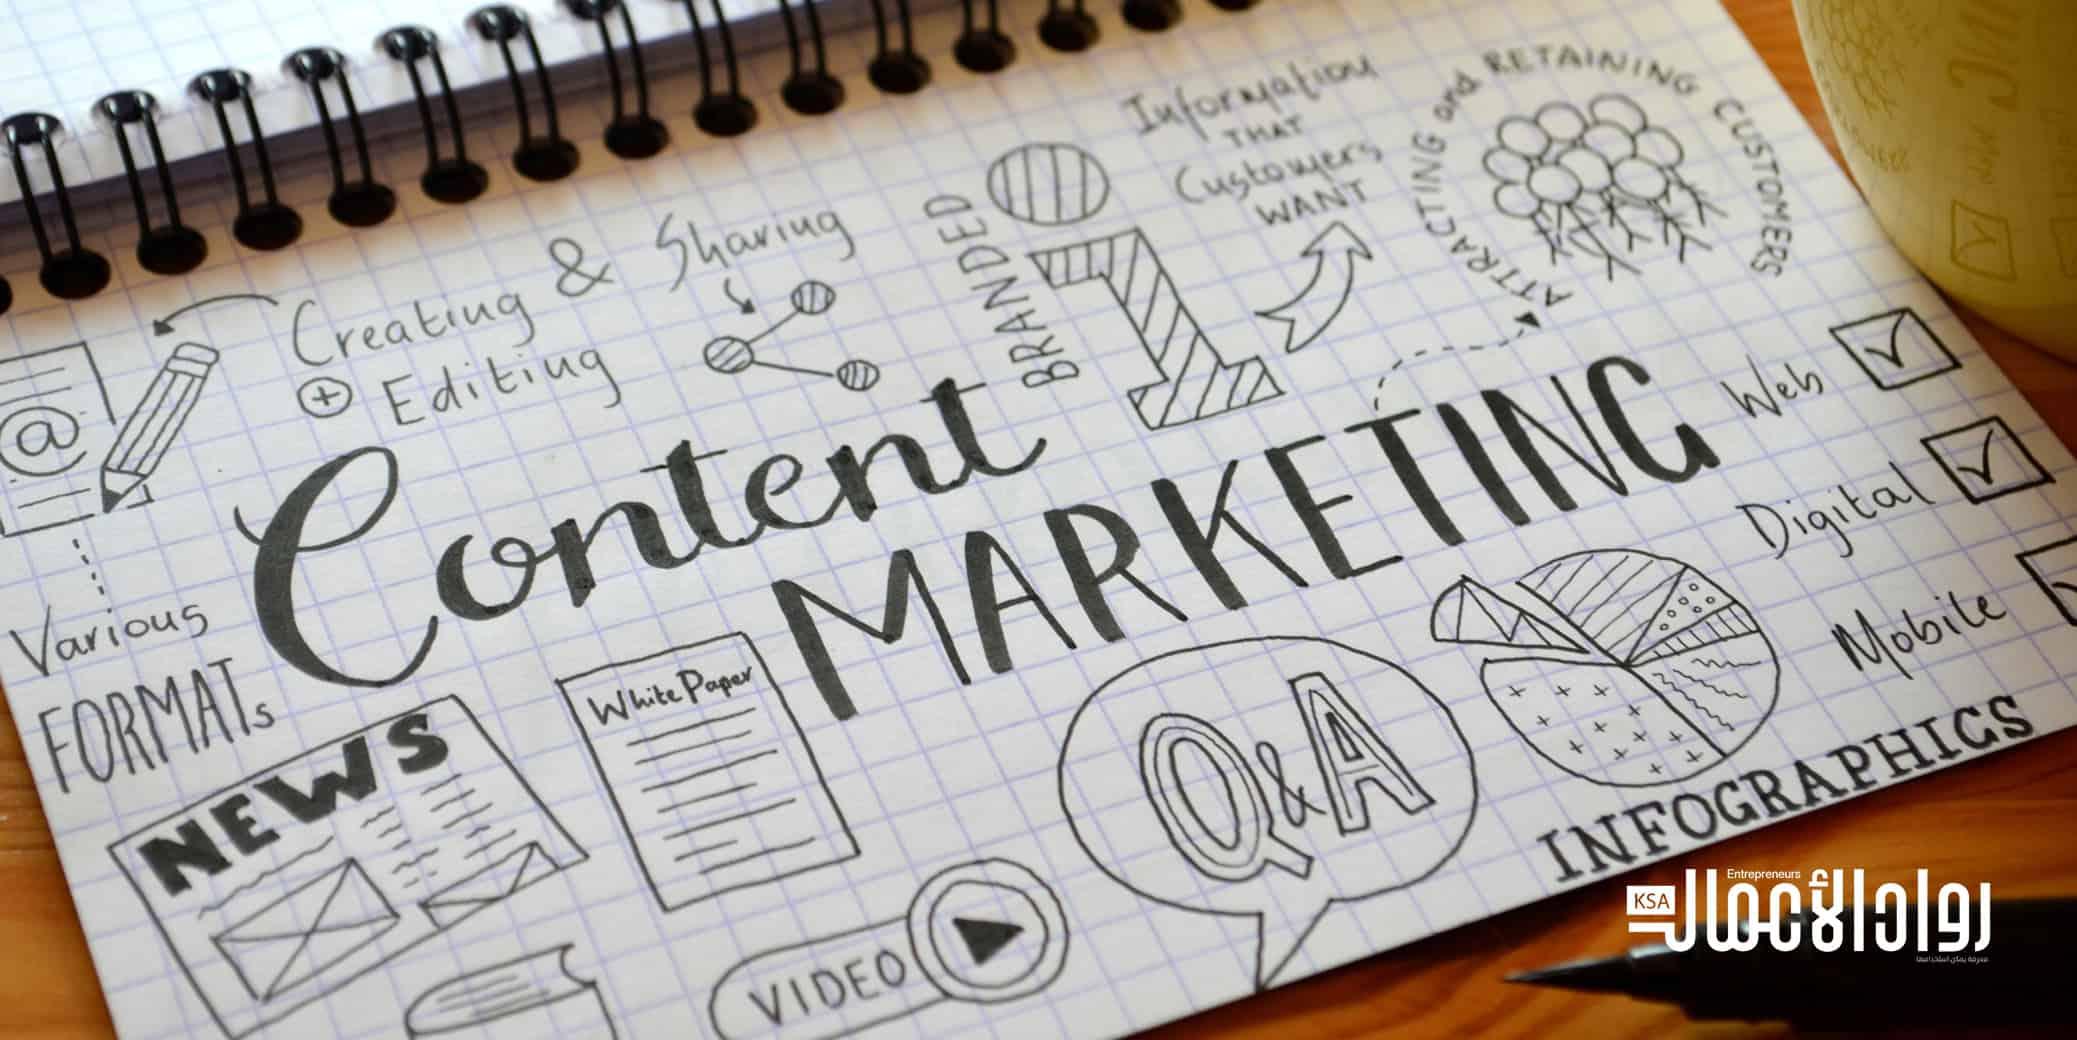 كيف تسوق المحتوى